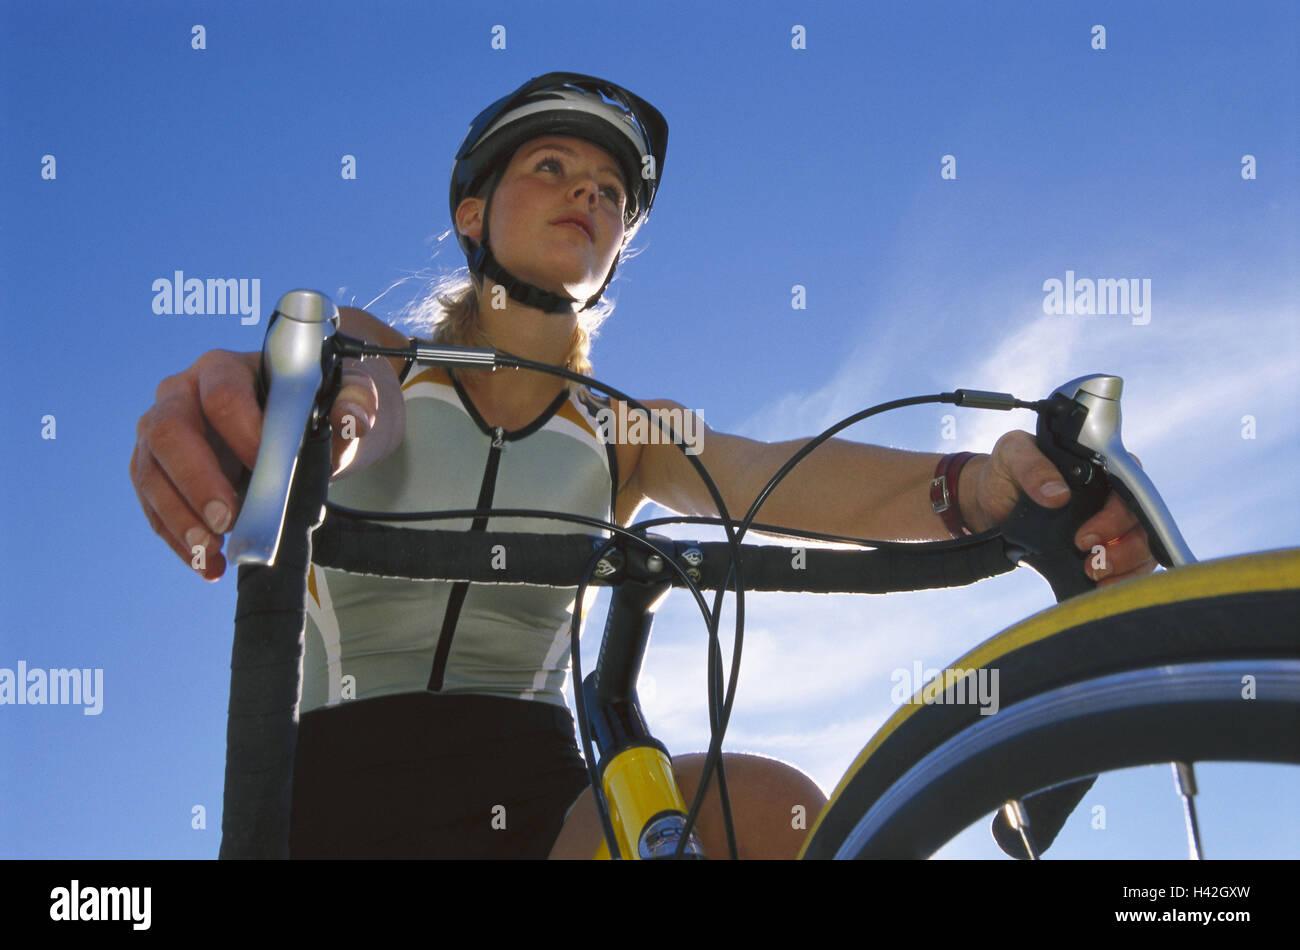 Racing ciclista, detalhe de volta a luz, da mulher abaixo, desportista, 20-30 anos, racing radiano, ciclista, tempo Imagens de Stock